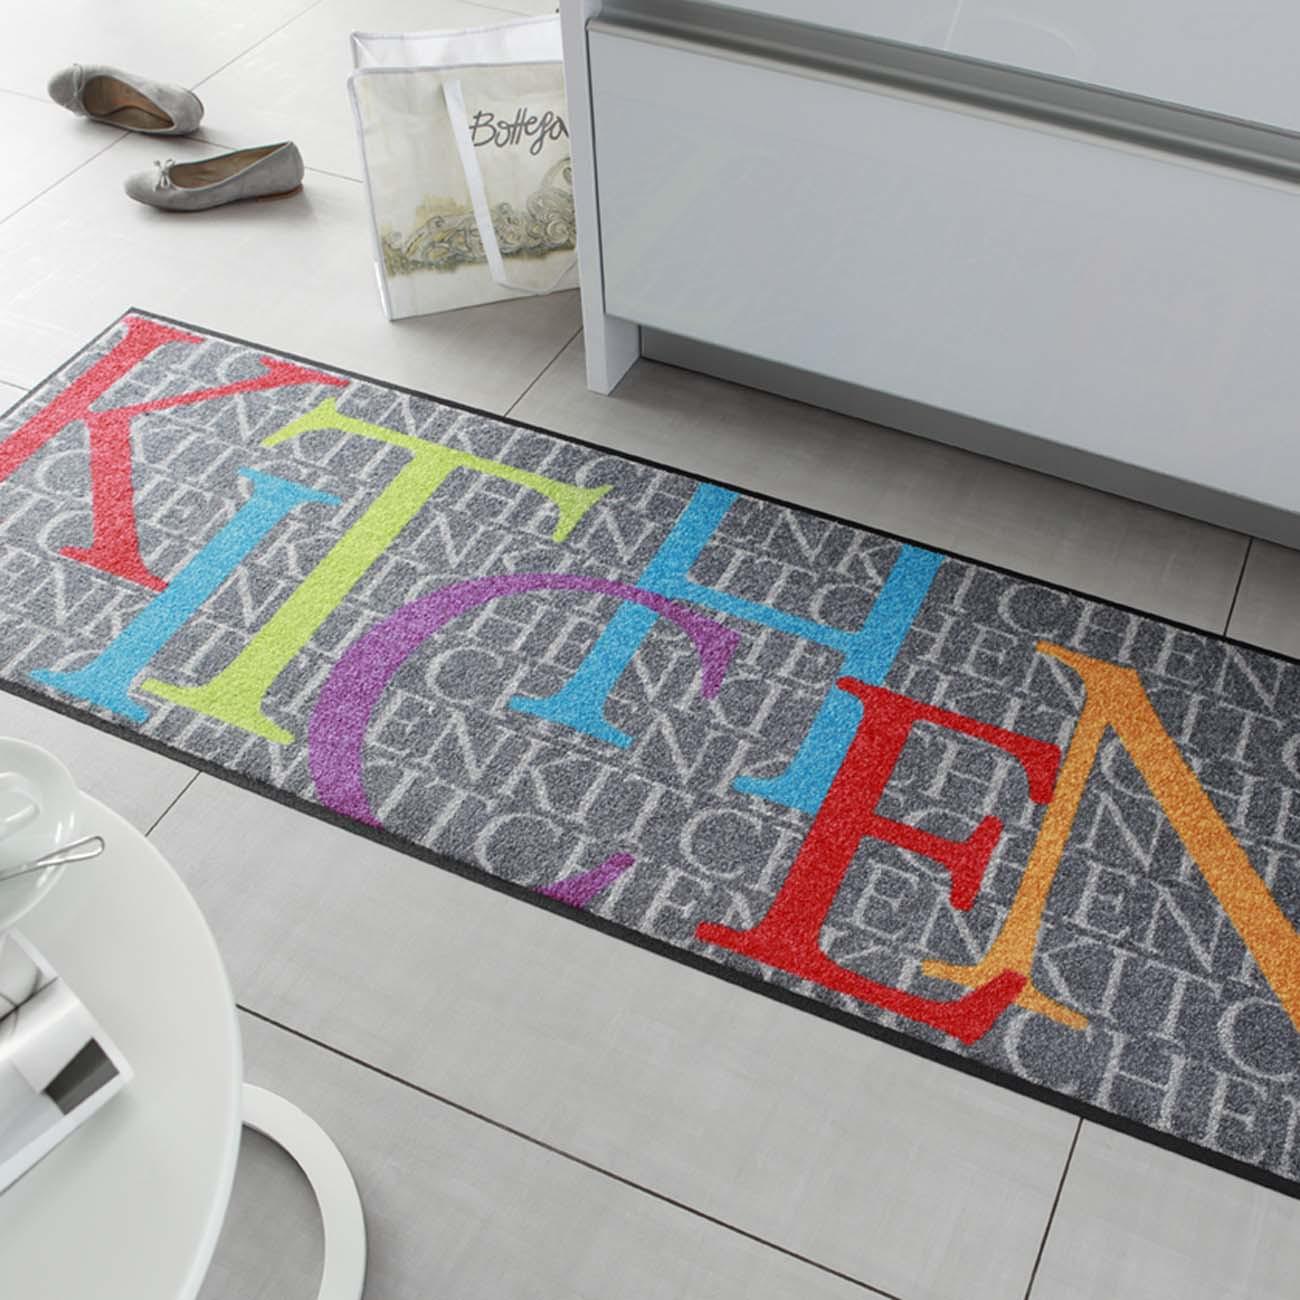 salonloewe fußmatte waschbar kitchen news 60x180 cm sld0339 ... - Fußmatte Küche